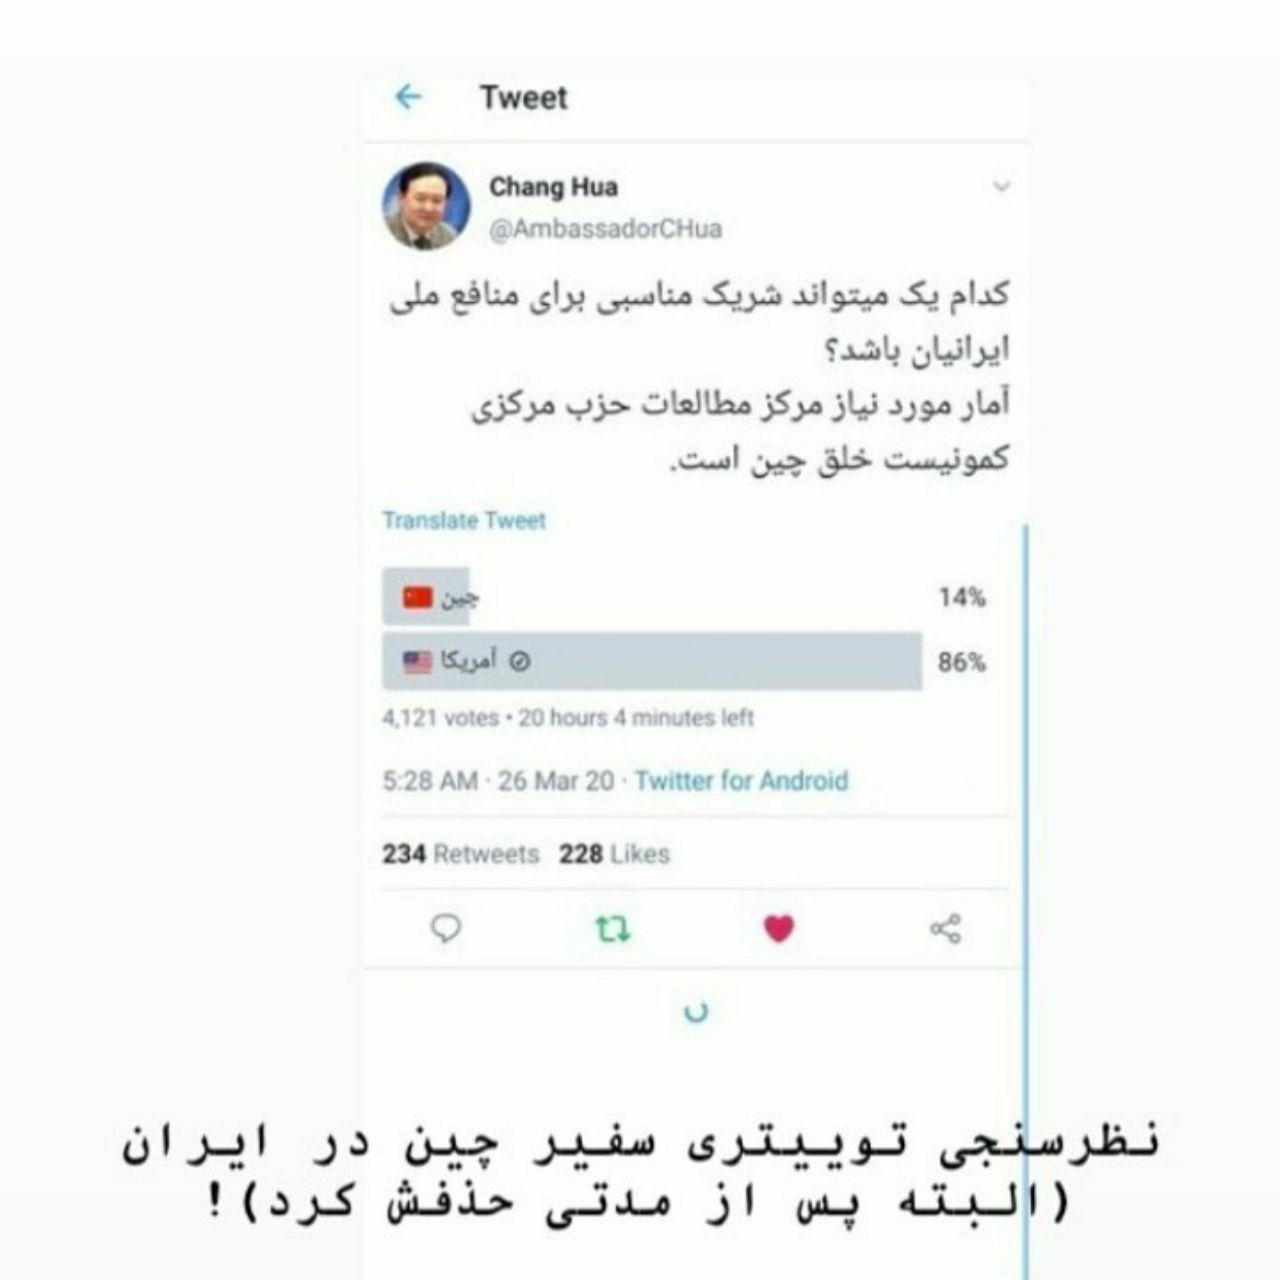 نظرسنجی توییتری سفیر چین در ای … 520267001585342205